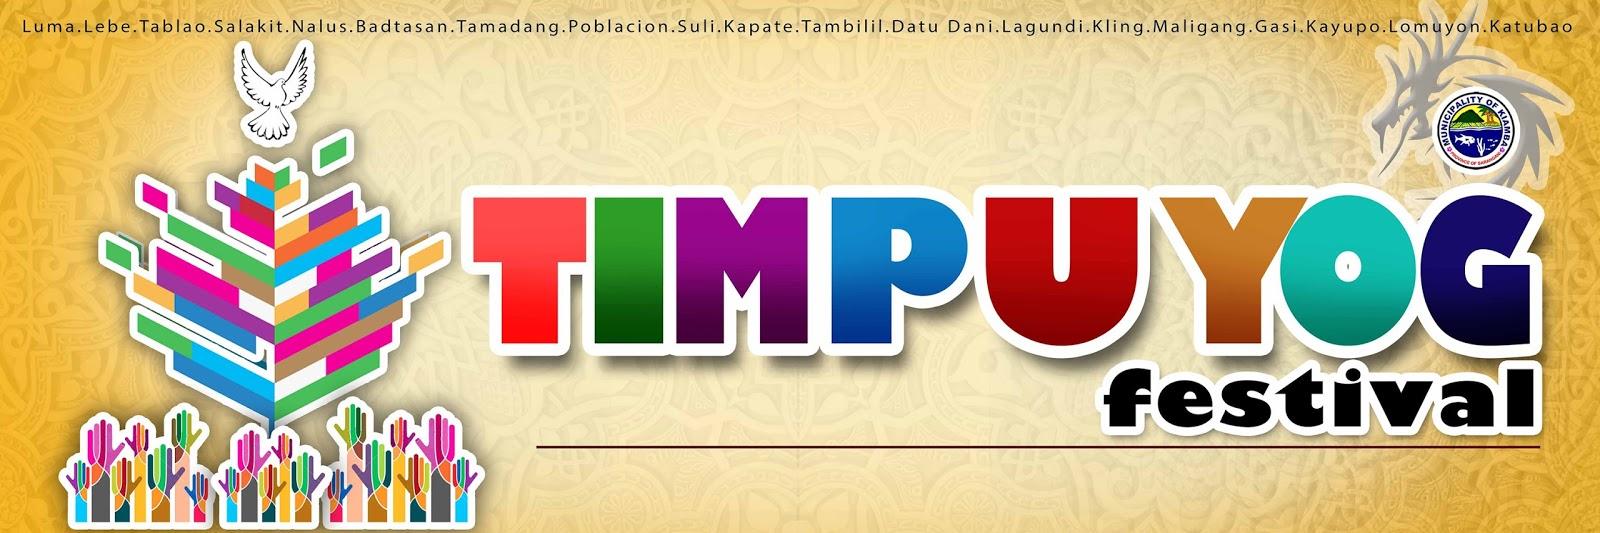 Timpuyog Festival